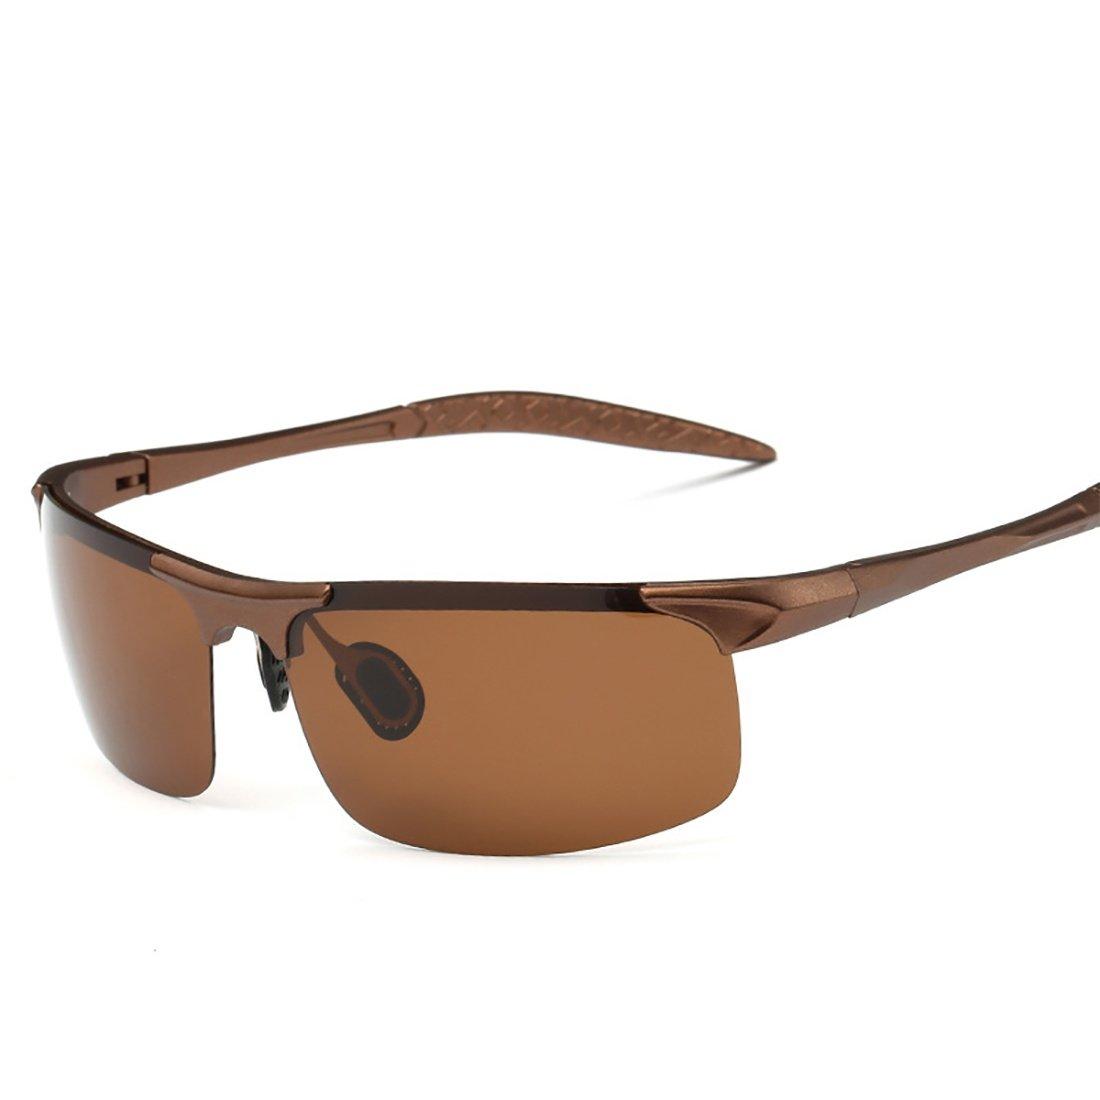 Surface MAX Gafas de Sol polarizadas de Aluminio y magnesio Deportes al Aire Libre Montar Gafas de Sol Gafas de Sol reflexivas Marco de PC Anti-UV400